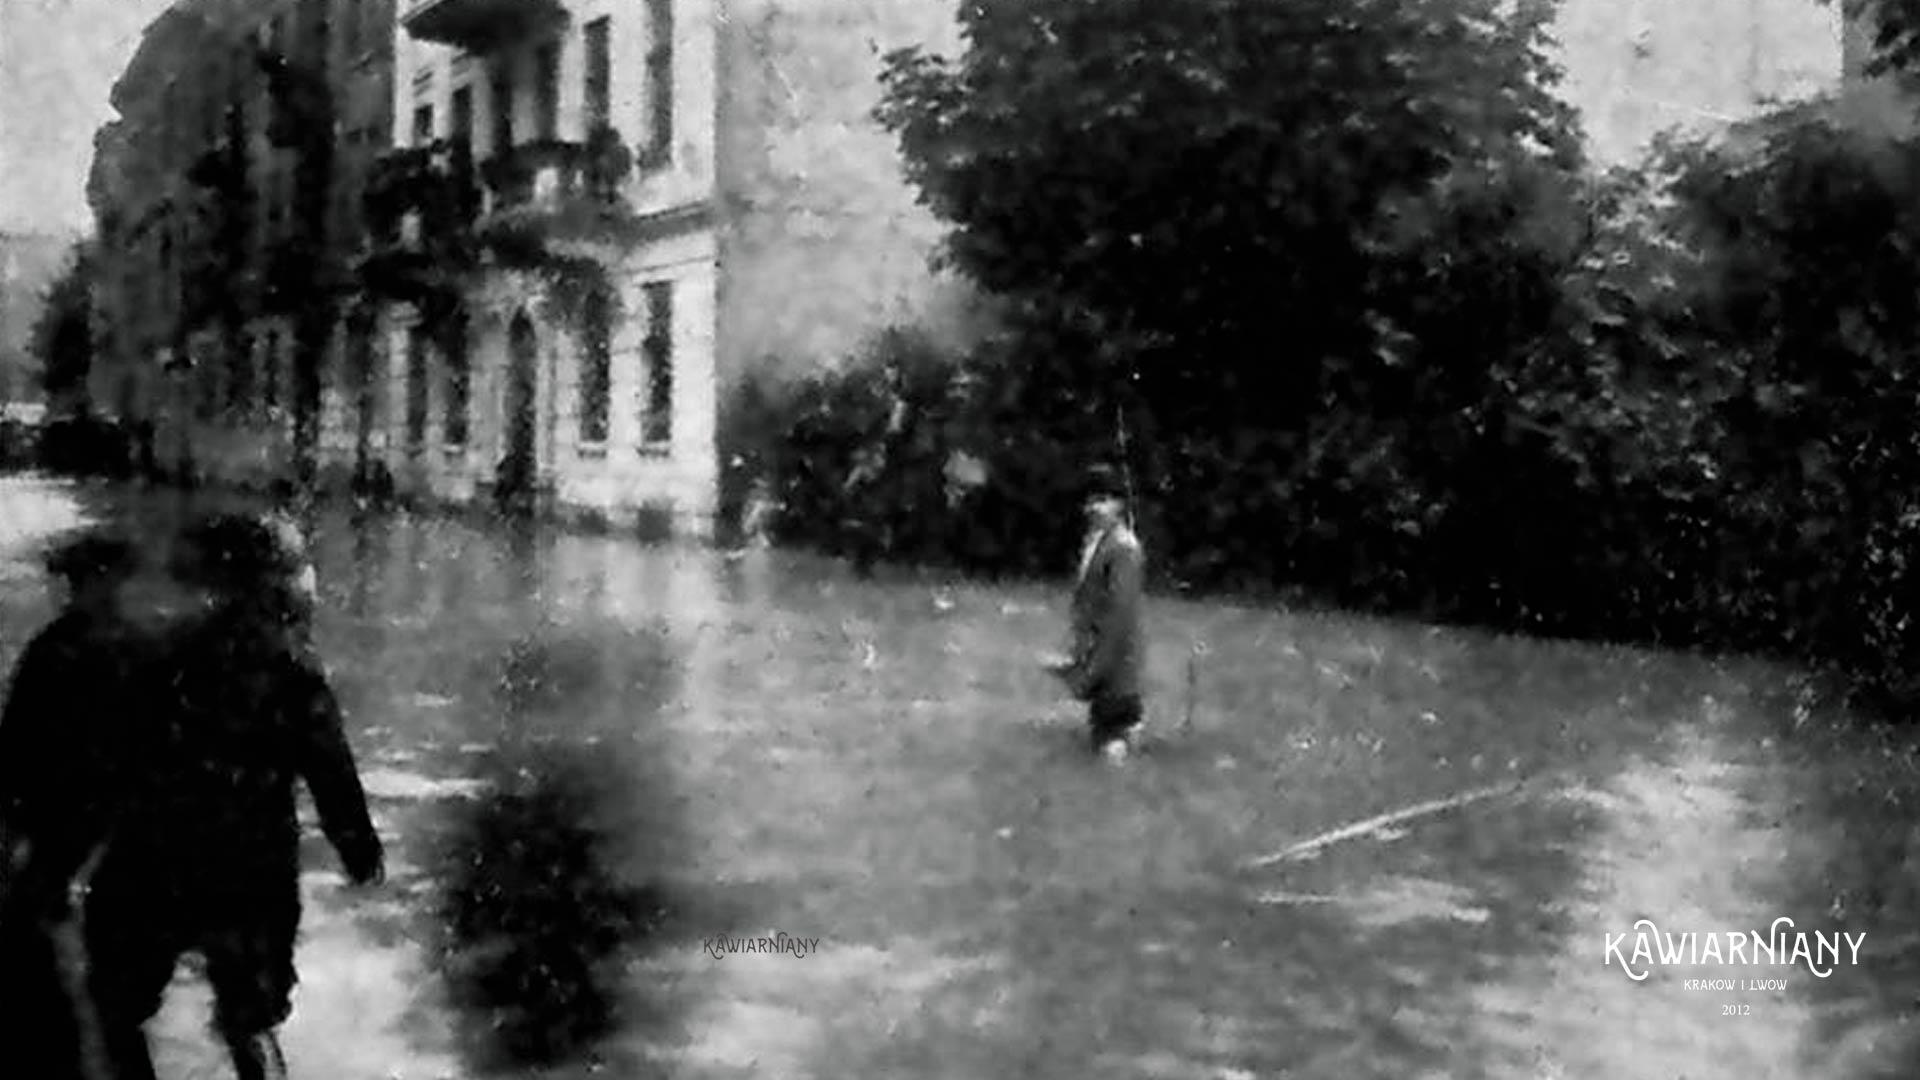 100 lat temu też zalało! Ulewy i podtopienia Lwowa z początkiem XX wieku